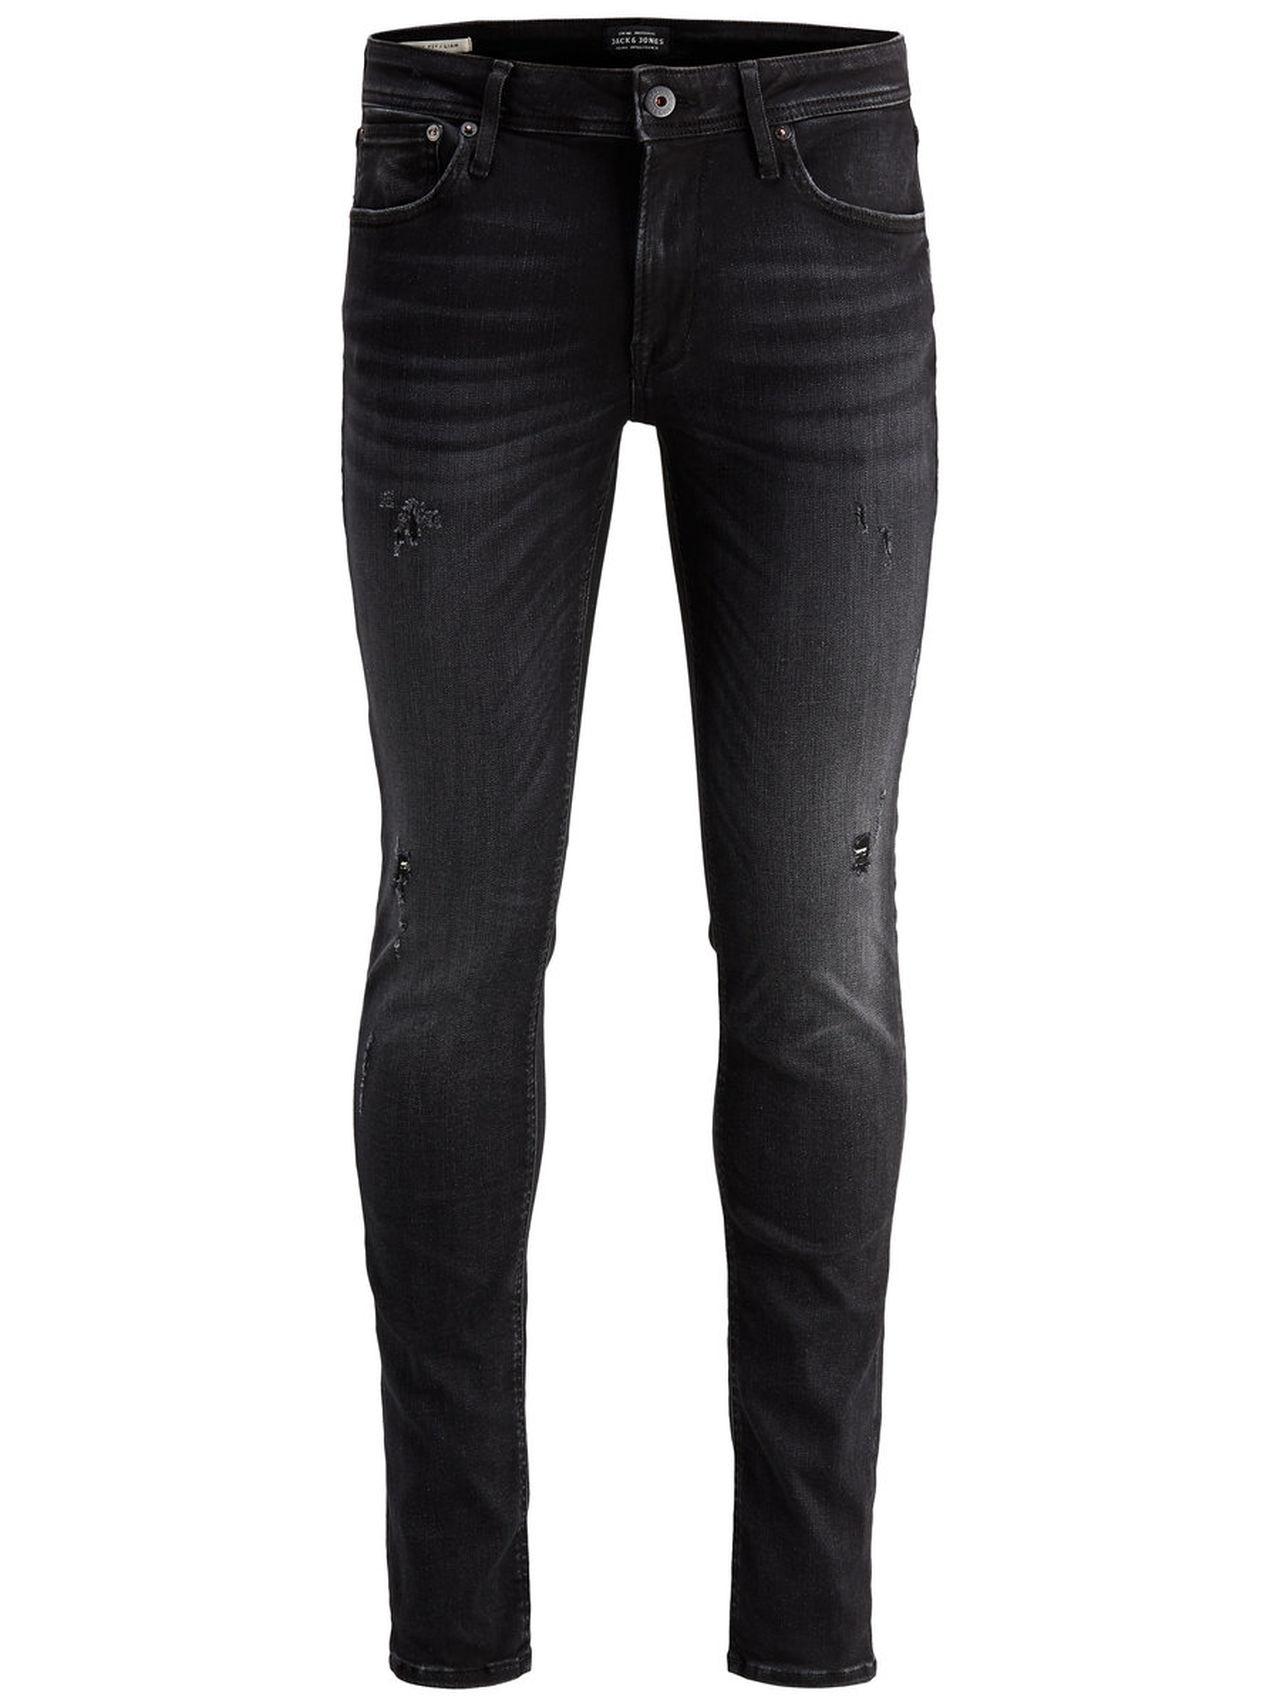 JACK & JONES Liam Original Jos 685 80sps Skinny Fit Jeans Man Svart